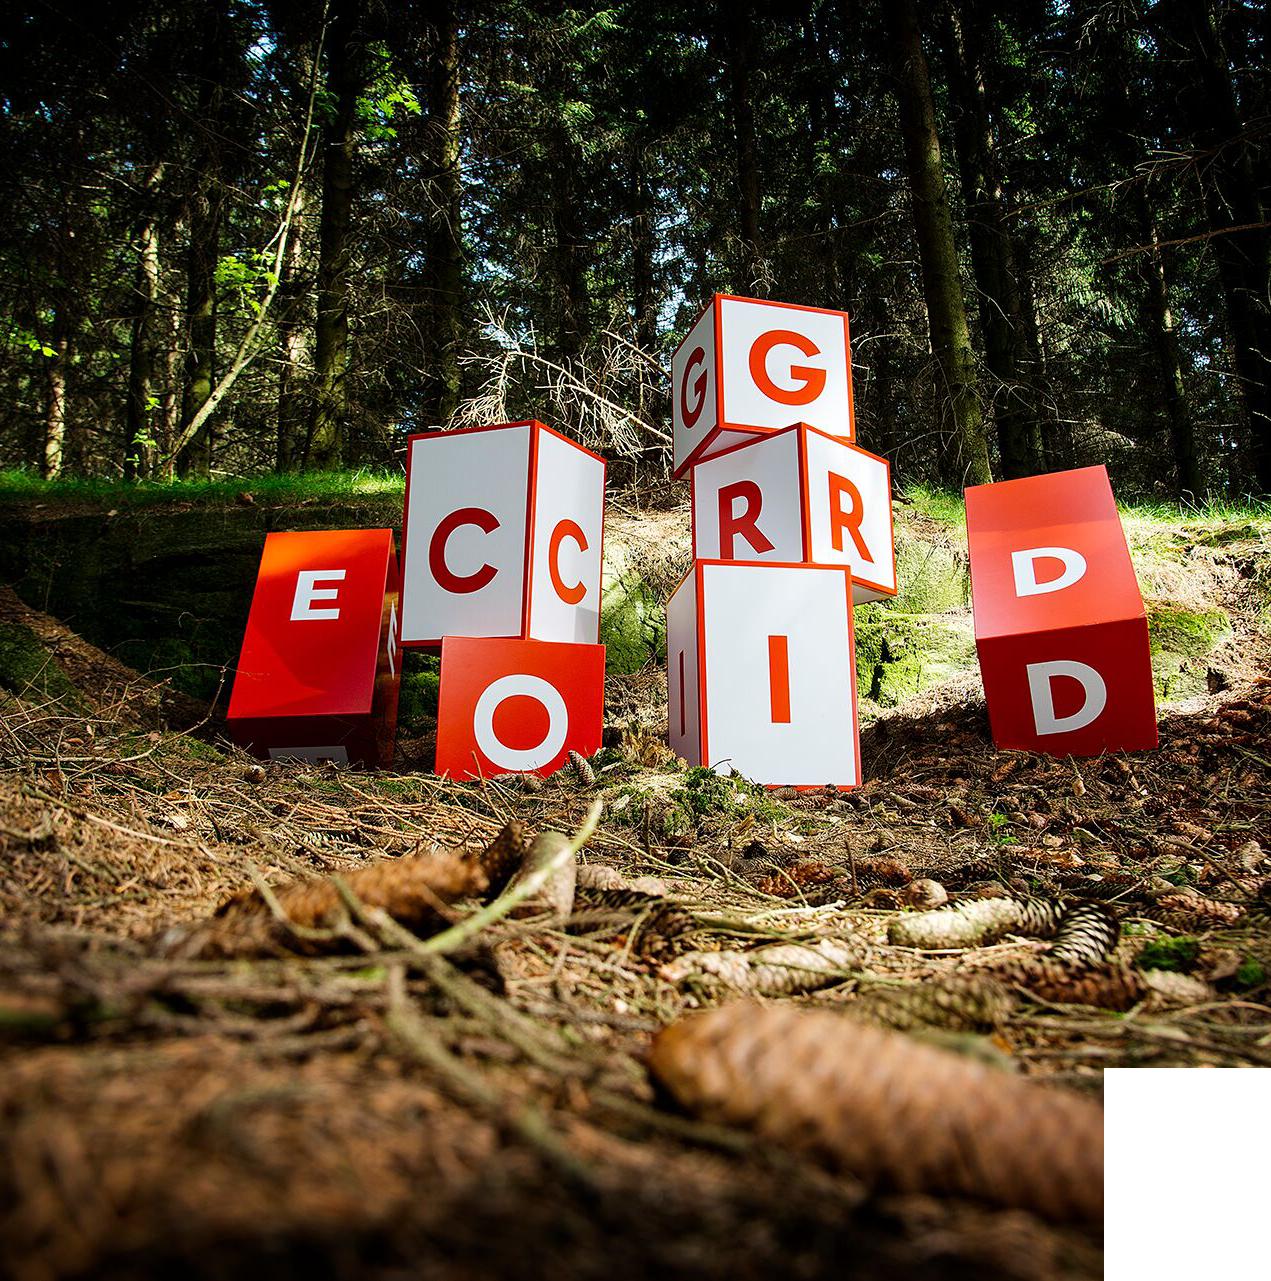 ecogrid.png